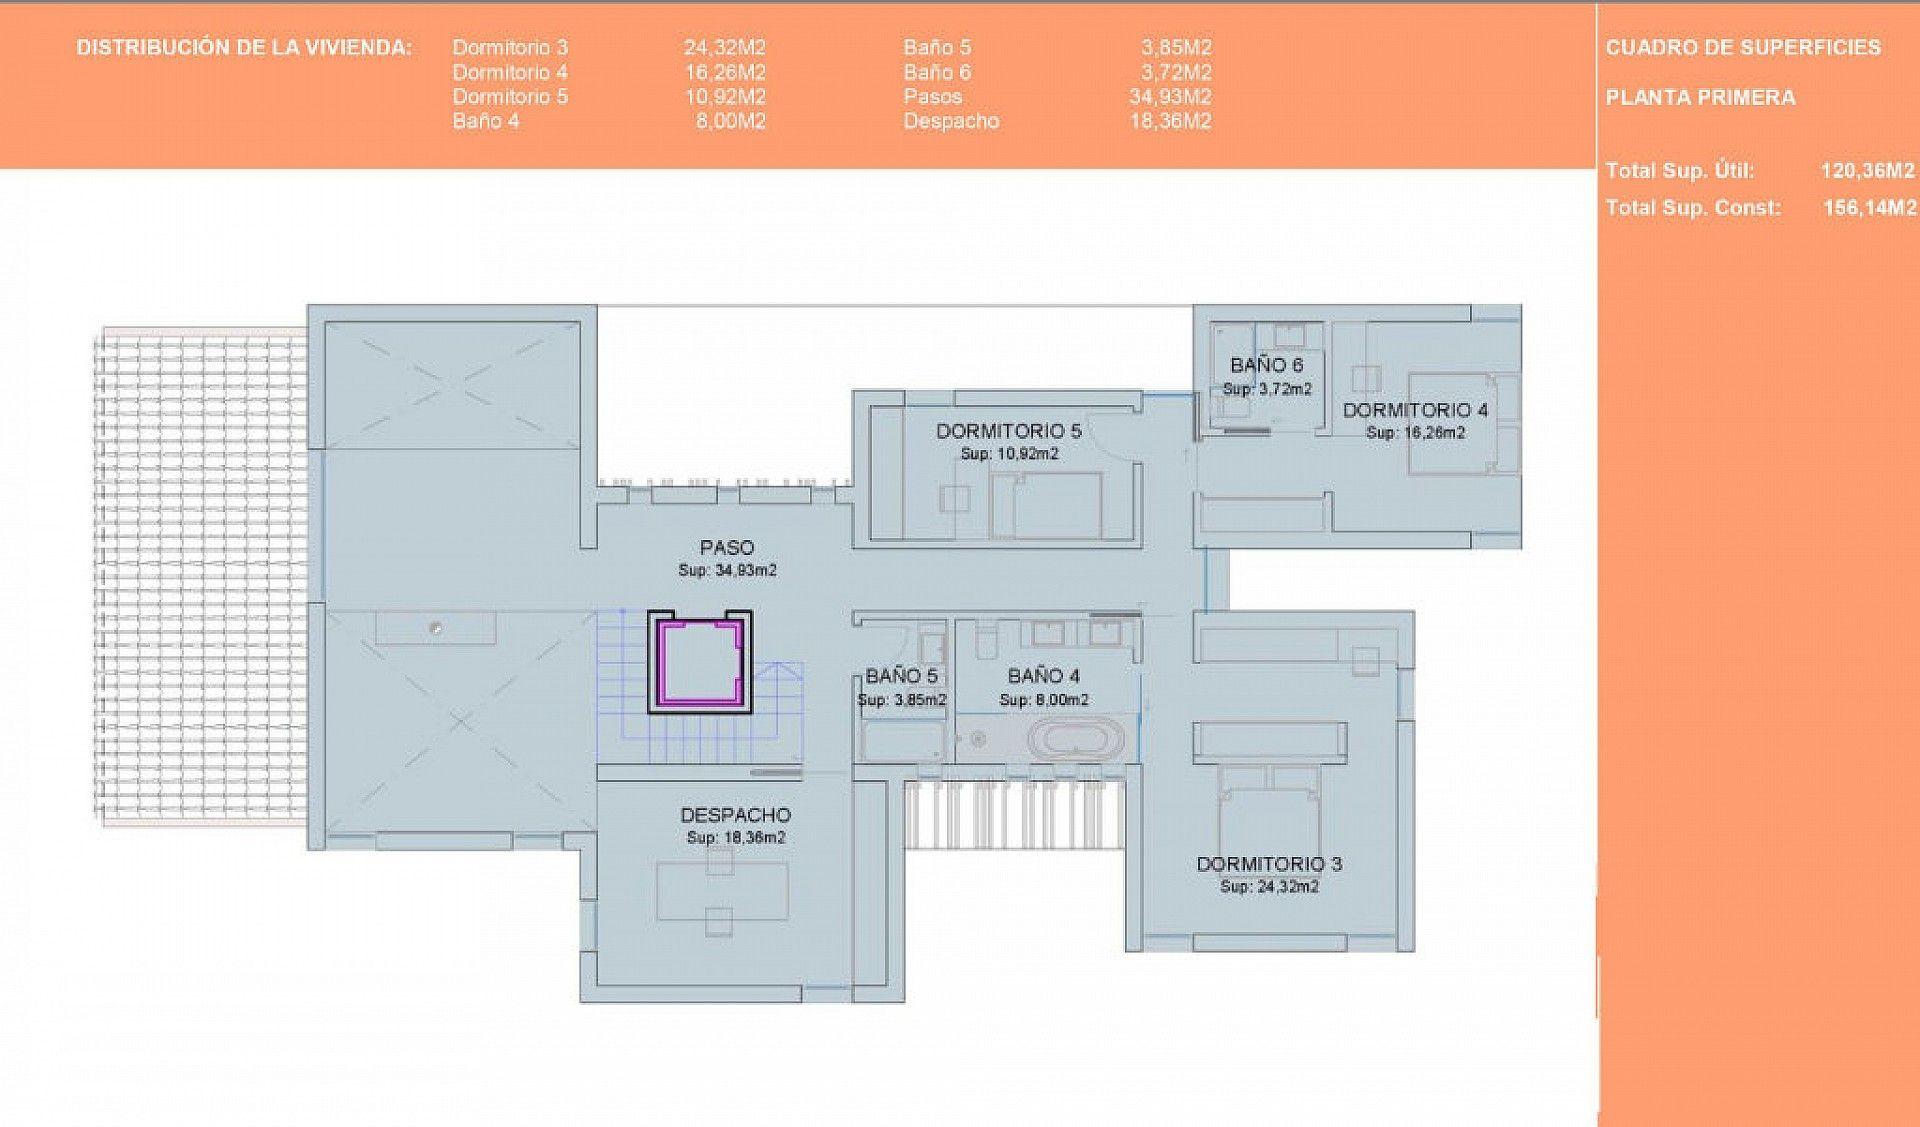 w_te-koop-huis-project-moraira-teulada-costa-blanca-nf2028-015-3.jpg